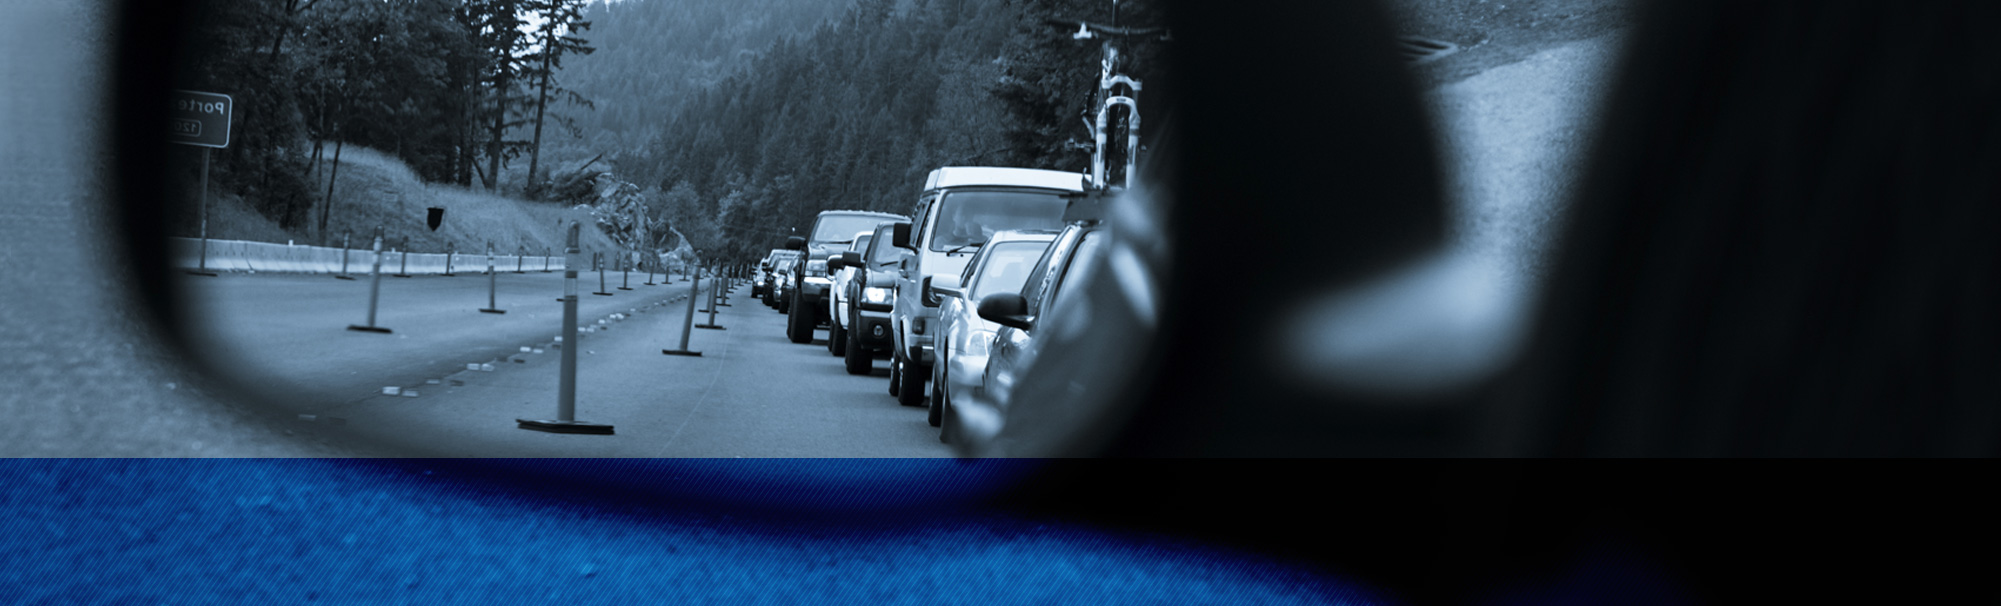 JMR-sliders-rearview